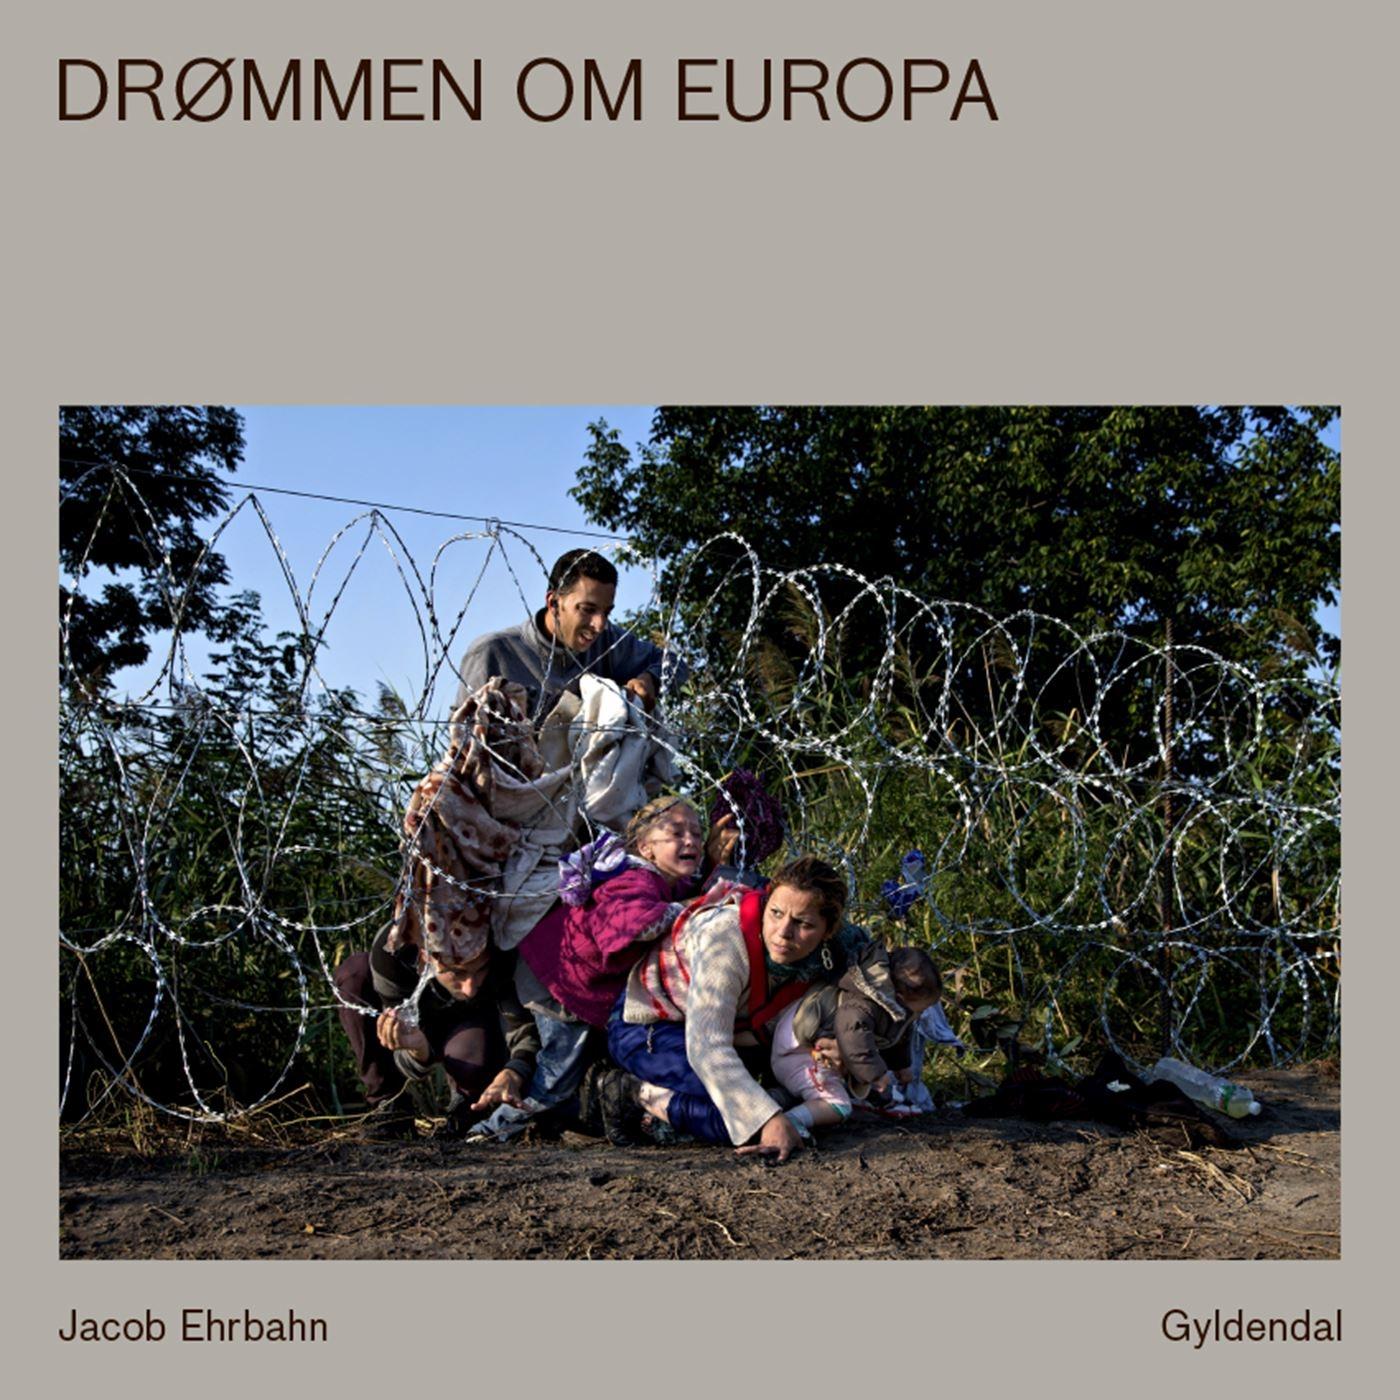 Ehrbahn, Jacob. Drømmen om Europa